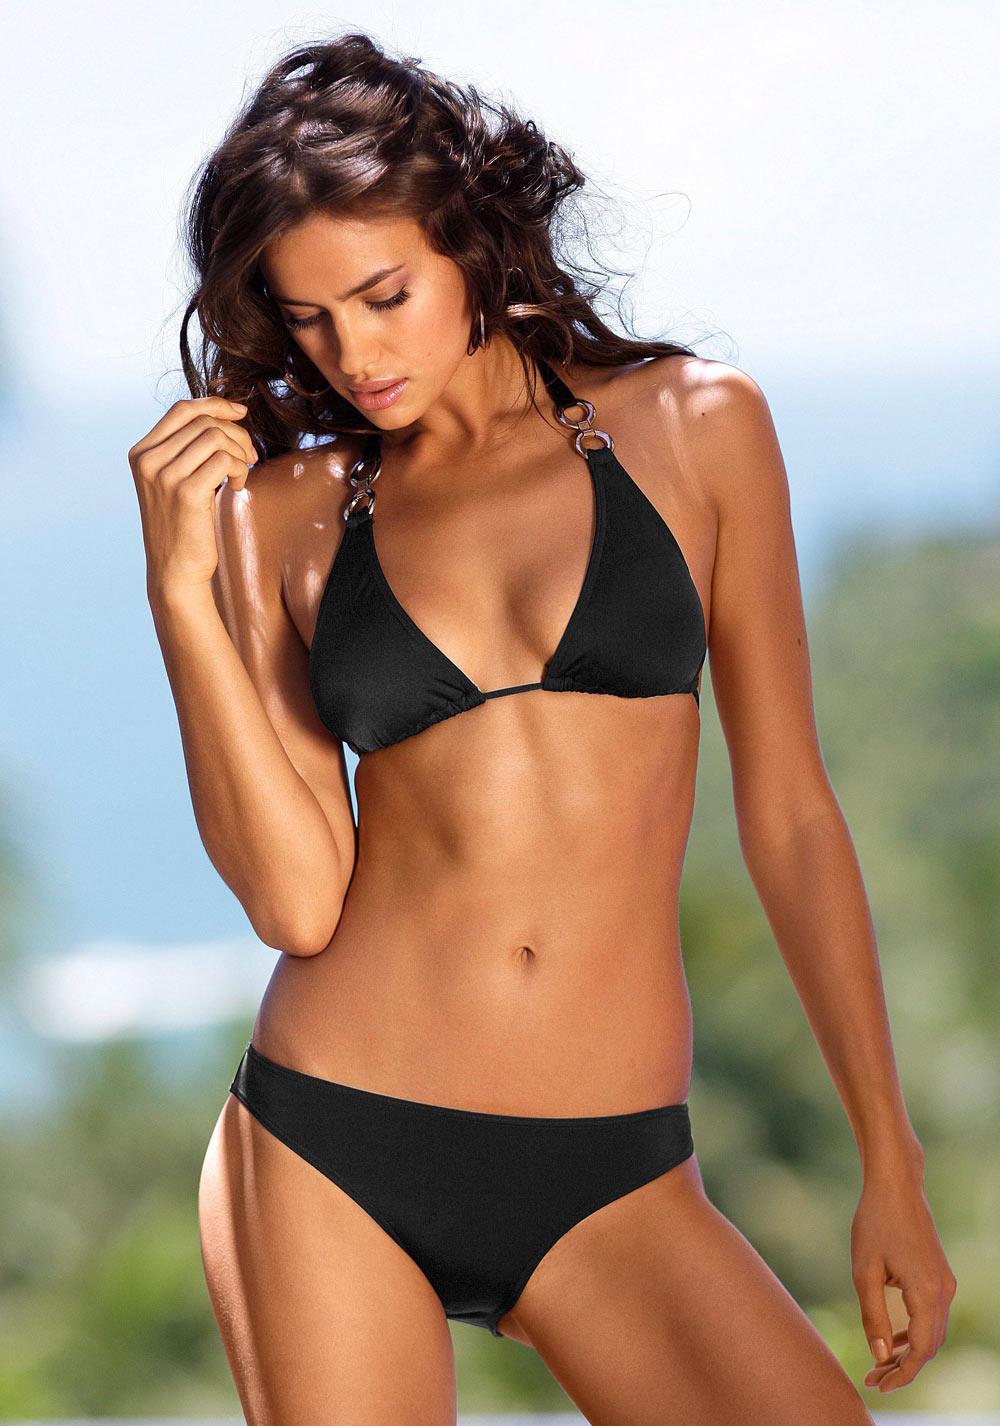 Irina Shayk sexy bikini pics